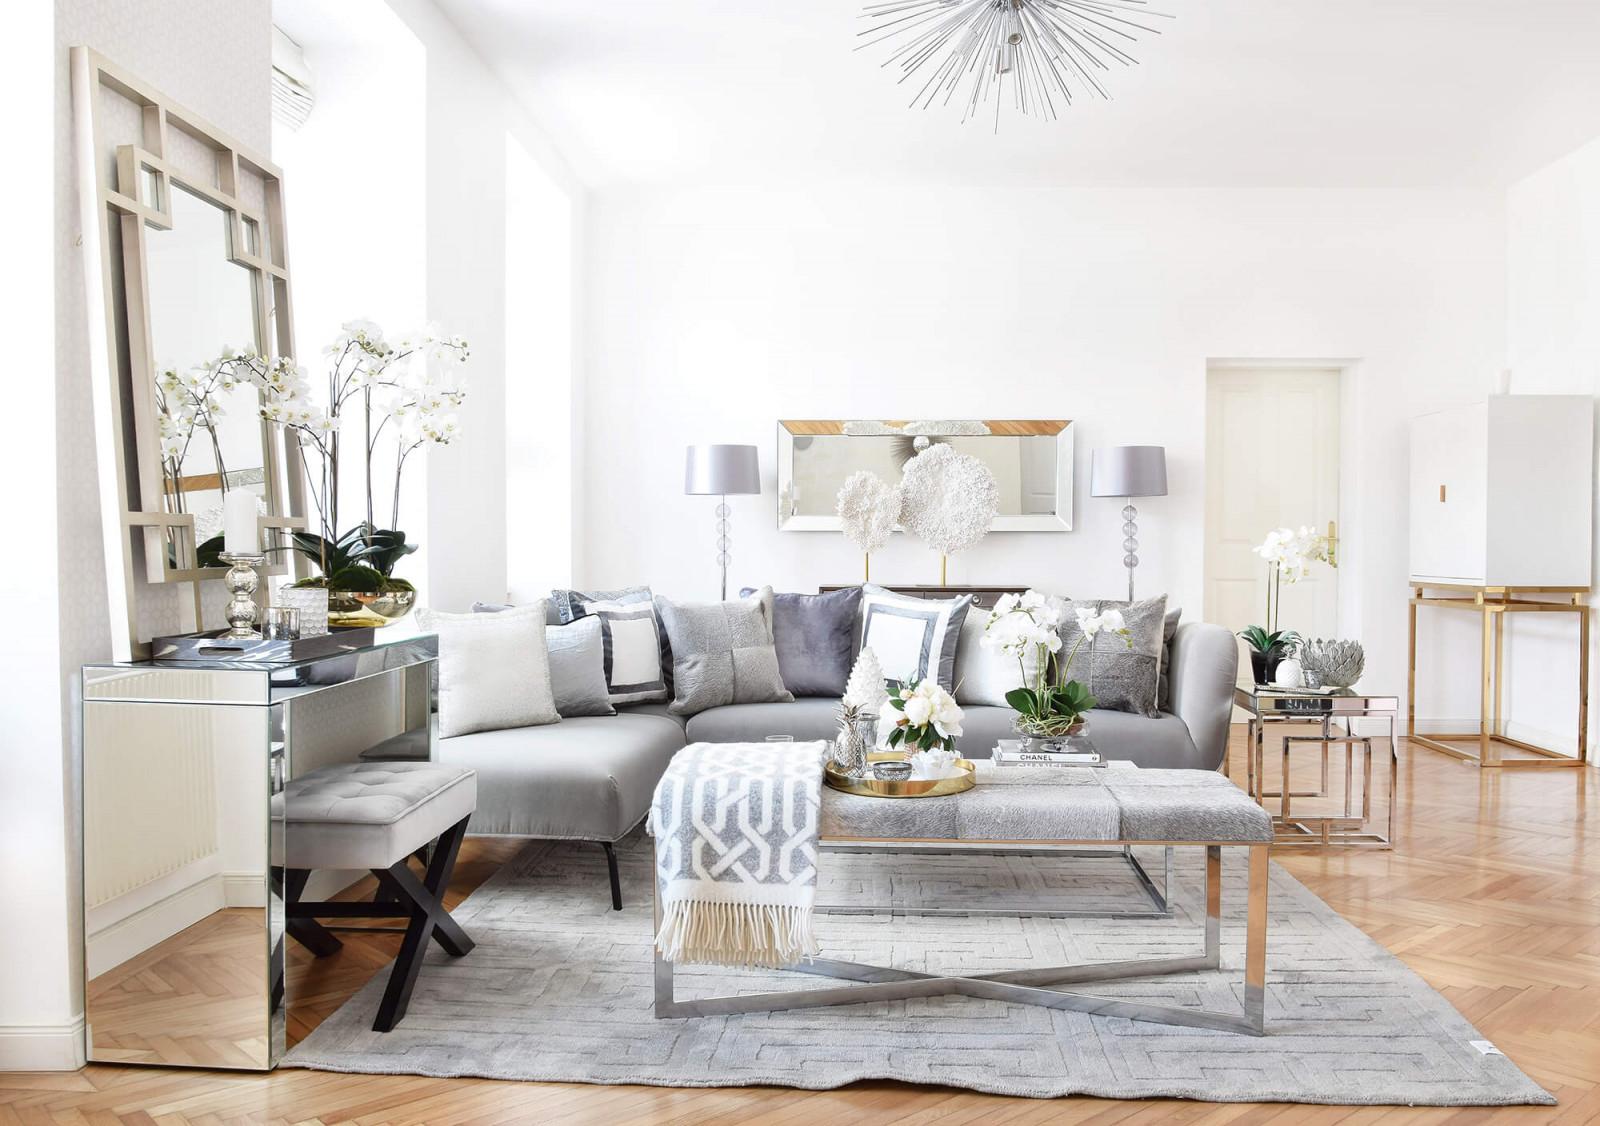 Urban Loft Livingroom  Wohnzimmer In Silber  Grau  Looks von Edle Deko Für Wohnzimmer Bild